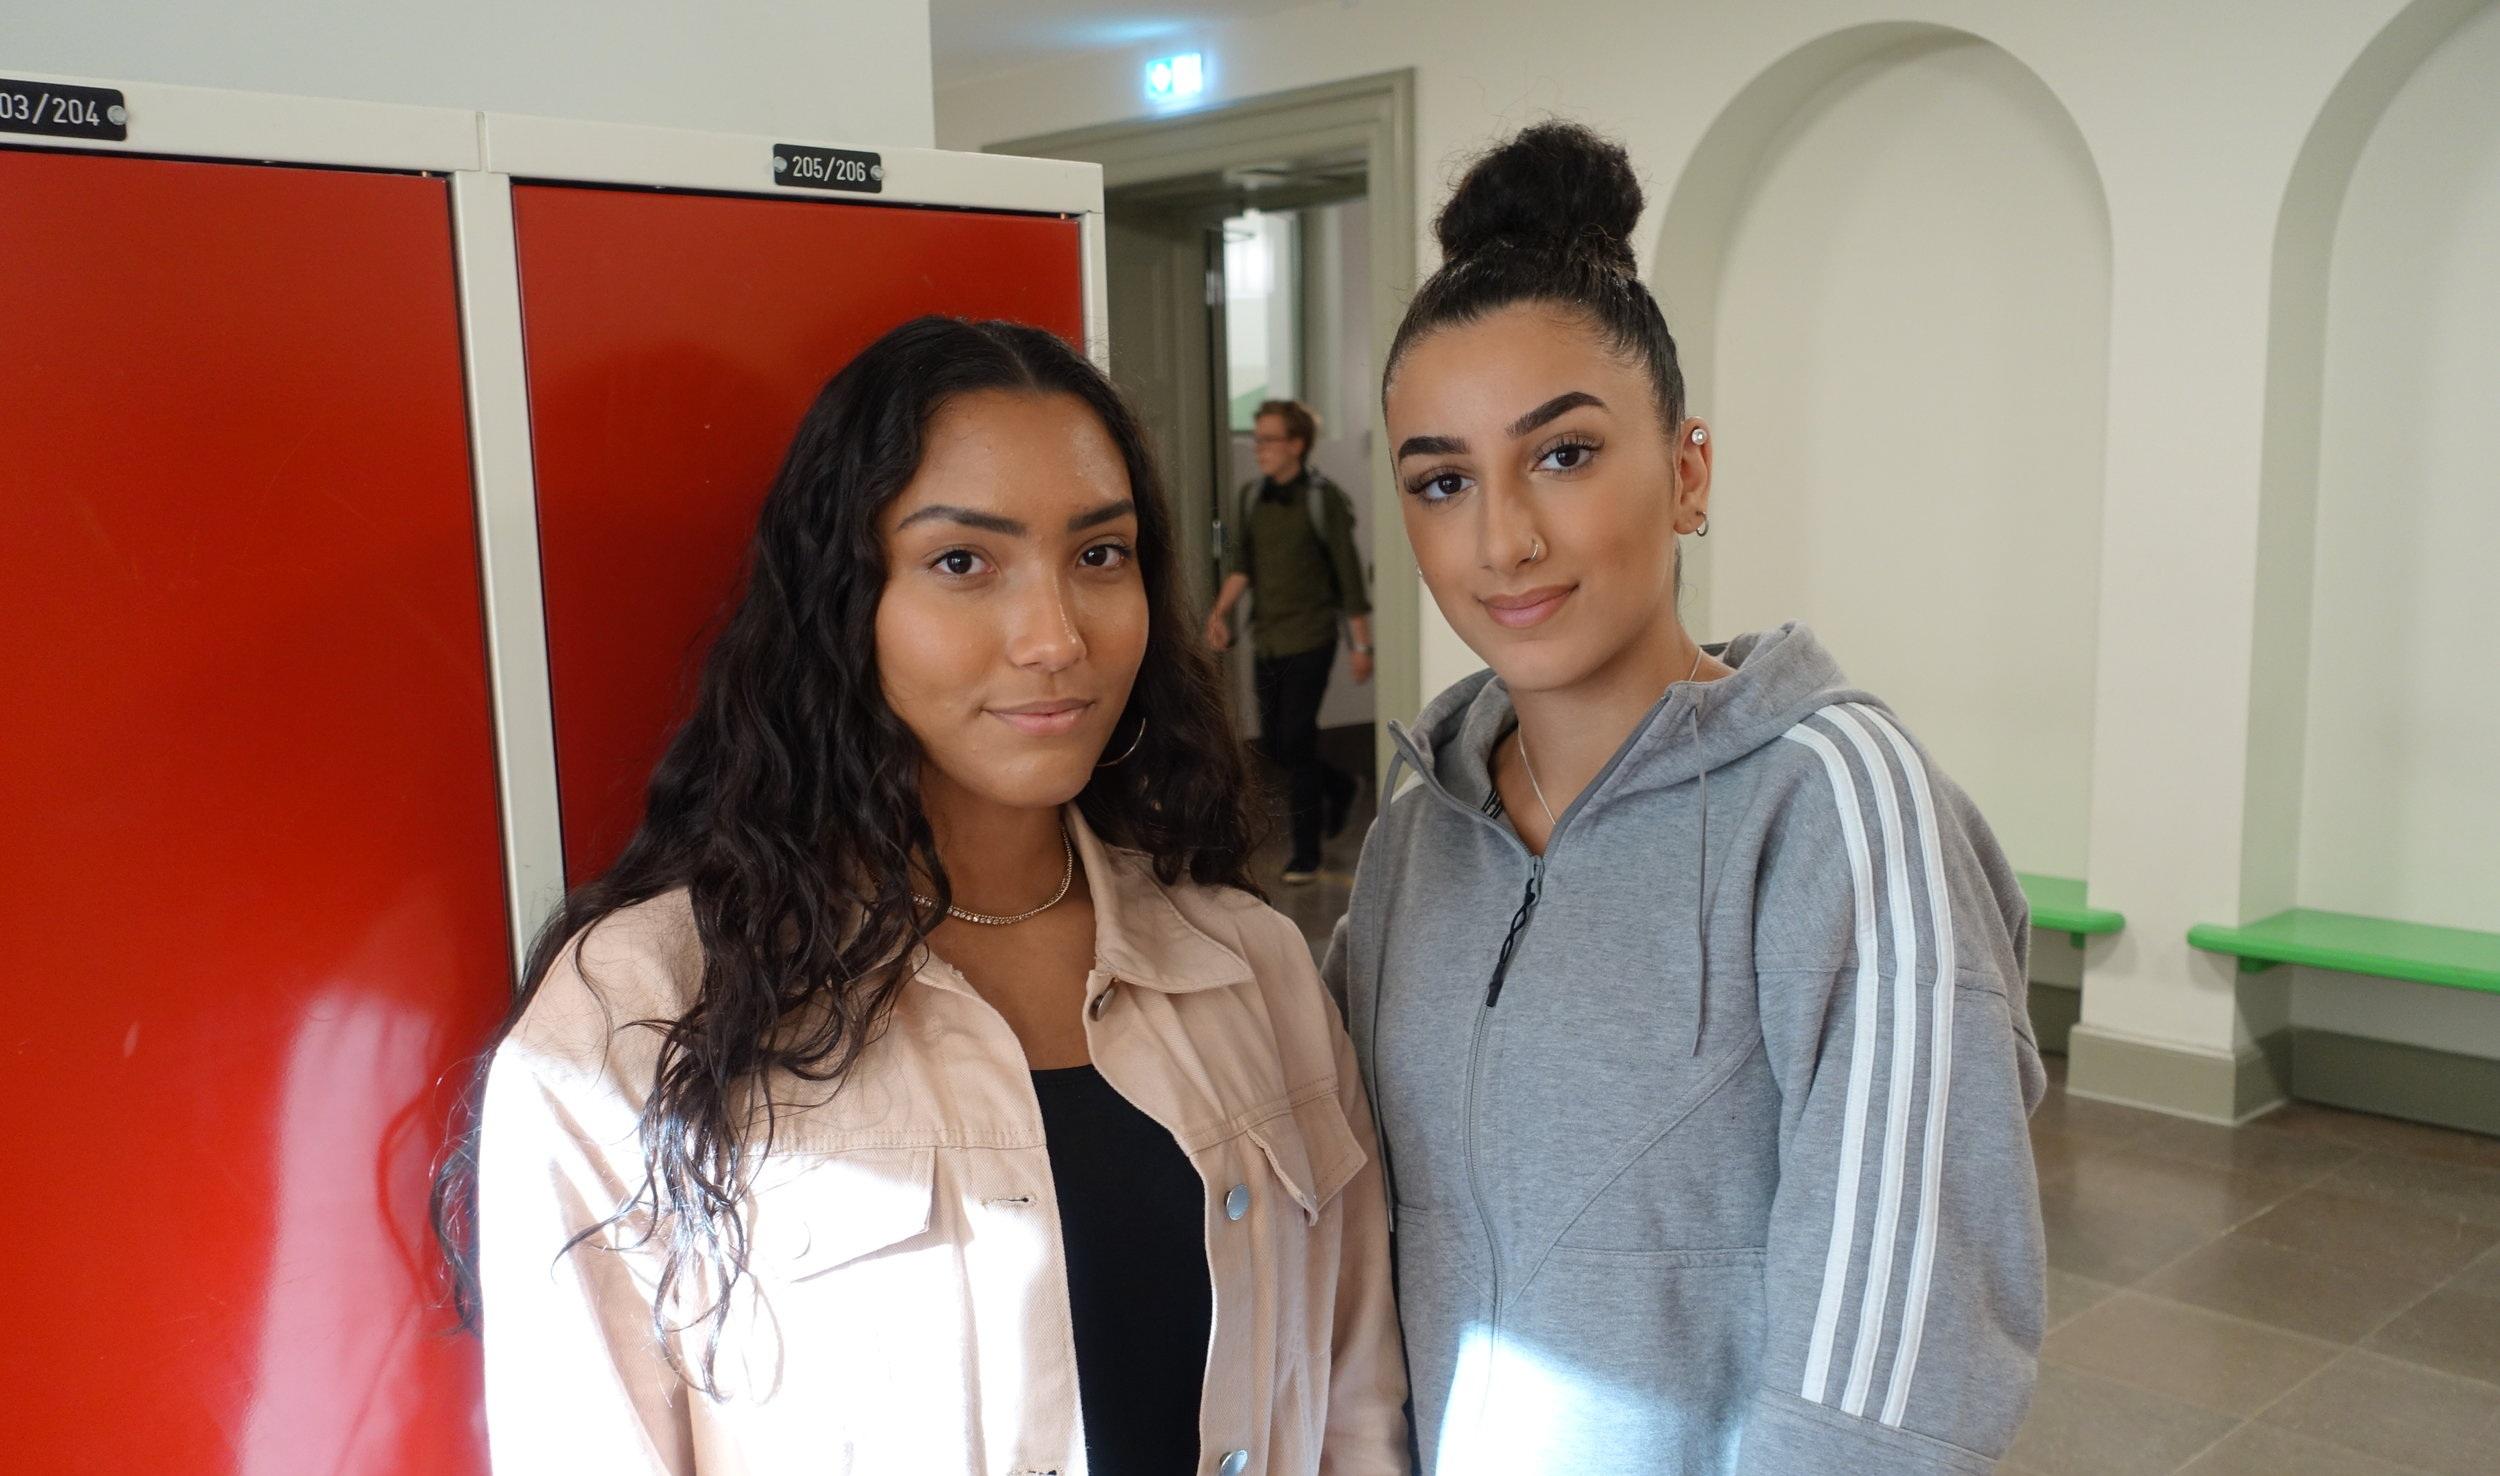 Linah Gillman och Julia Mourad startade en People of color-förening på Anna Whitlocks gymnasium.